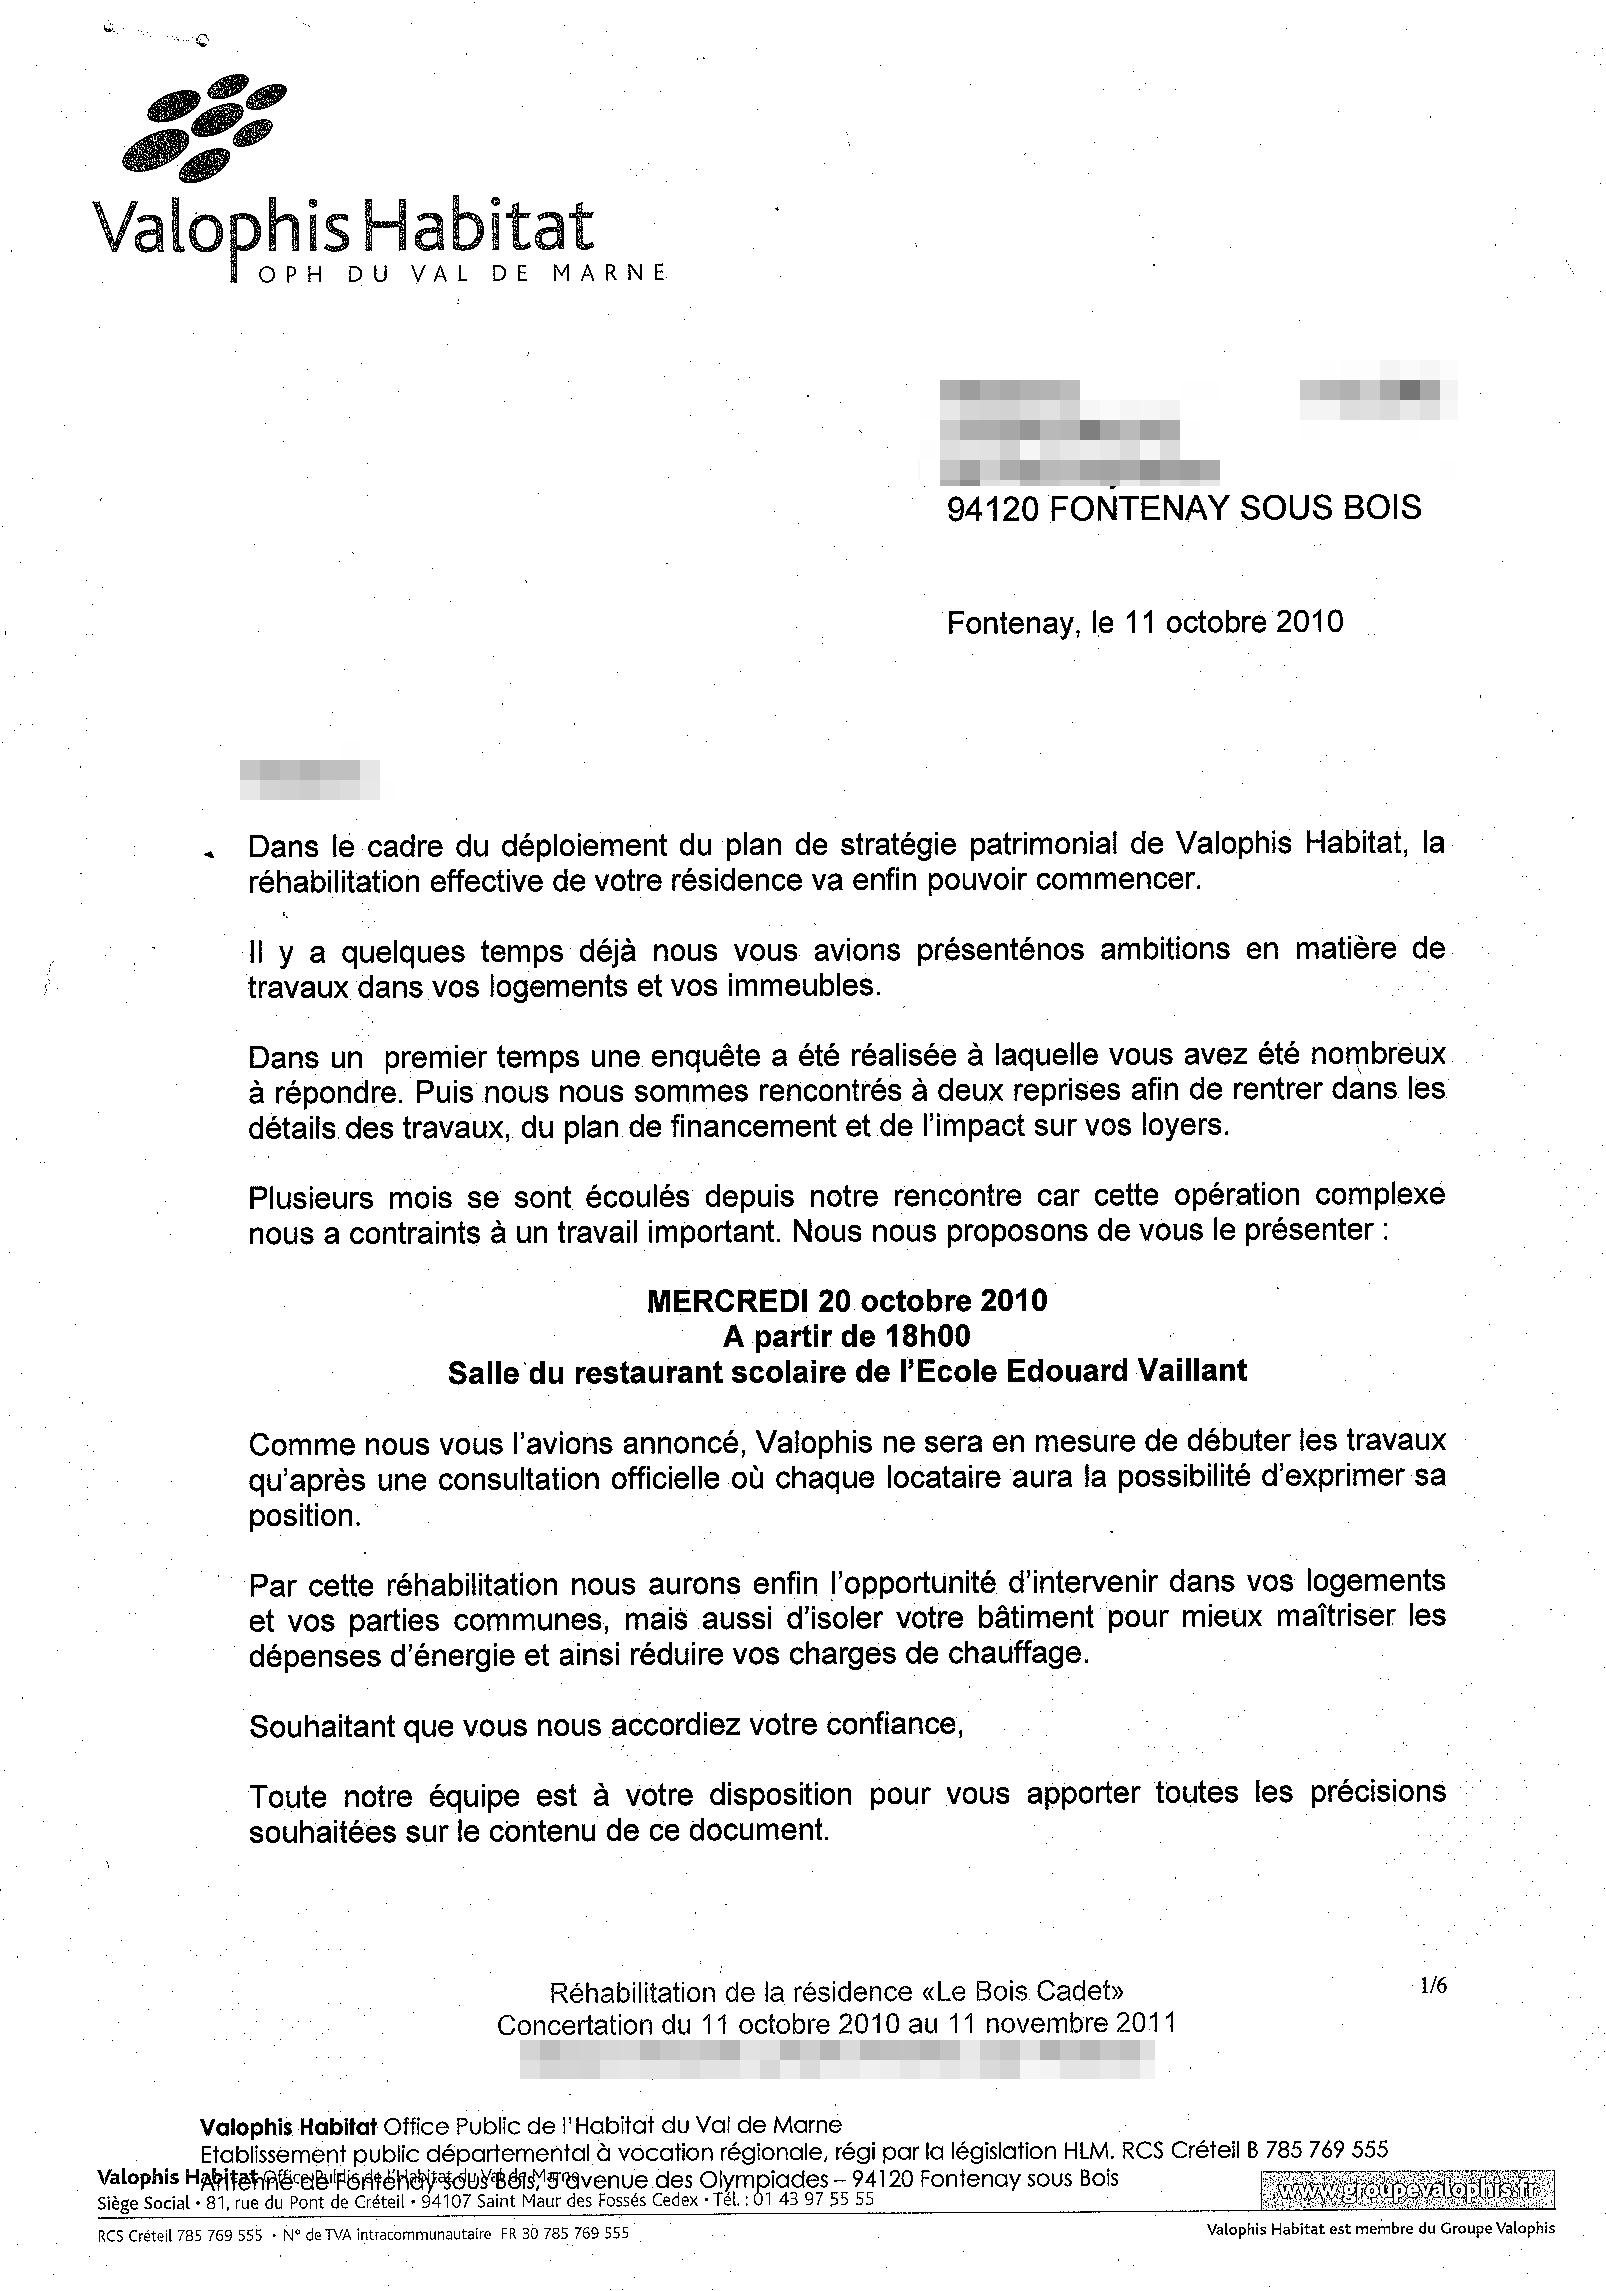 Incendie aux Maillard Jean Zay - Isolation extérieure des bâtiments - Page 2 Valoph14